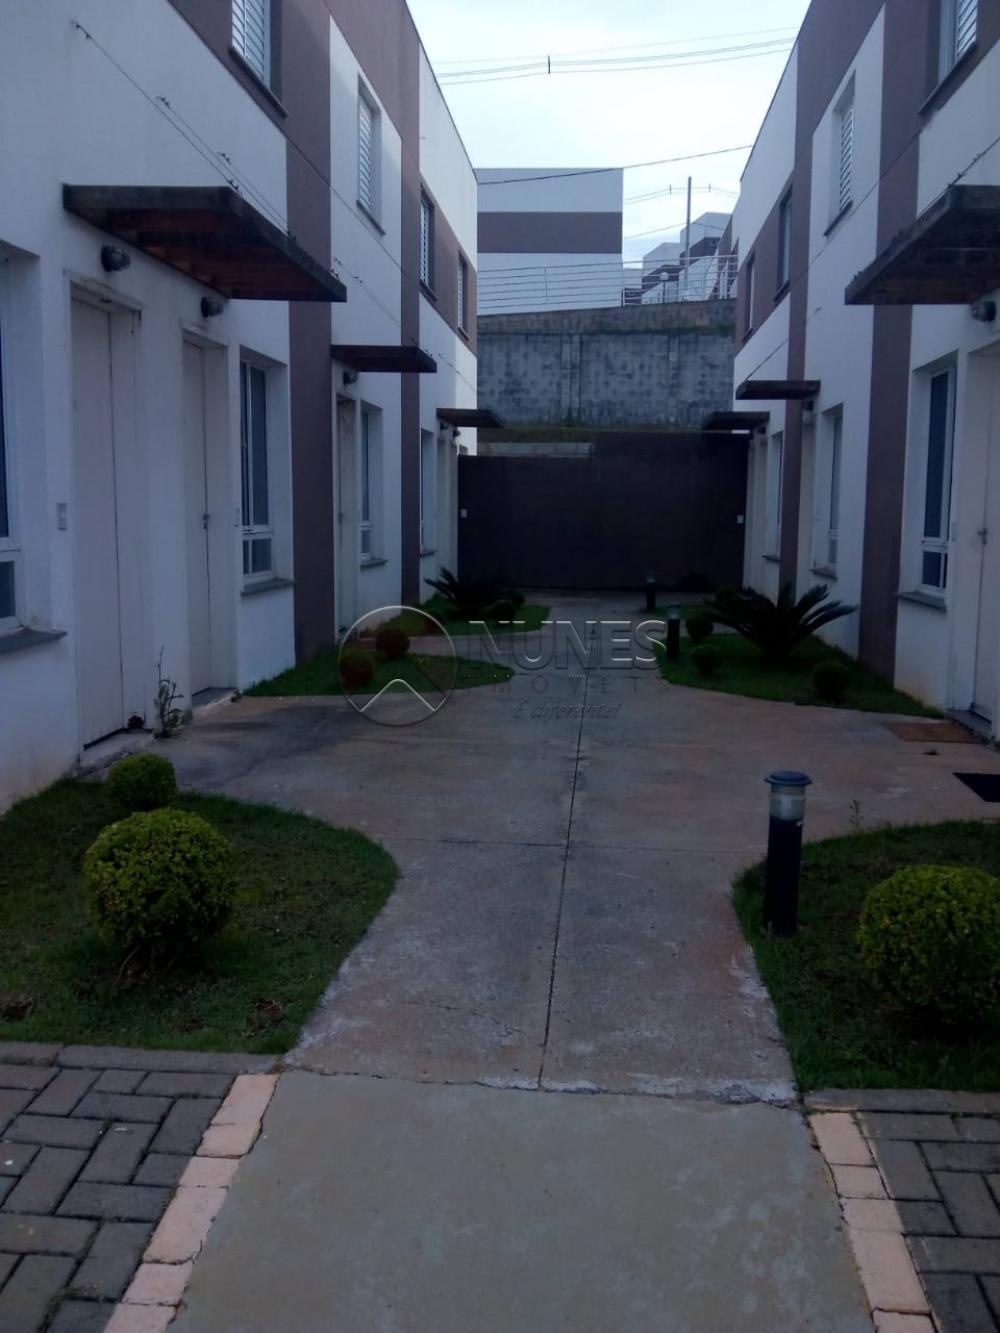 Comprar Casa / Sobrado em Condominio em Cotia apenas R$ 166.000,00 - Foto 23